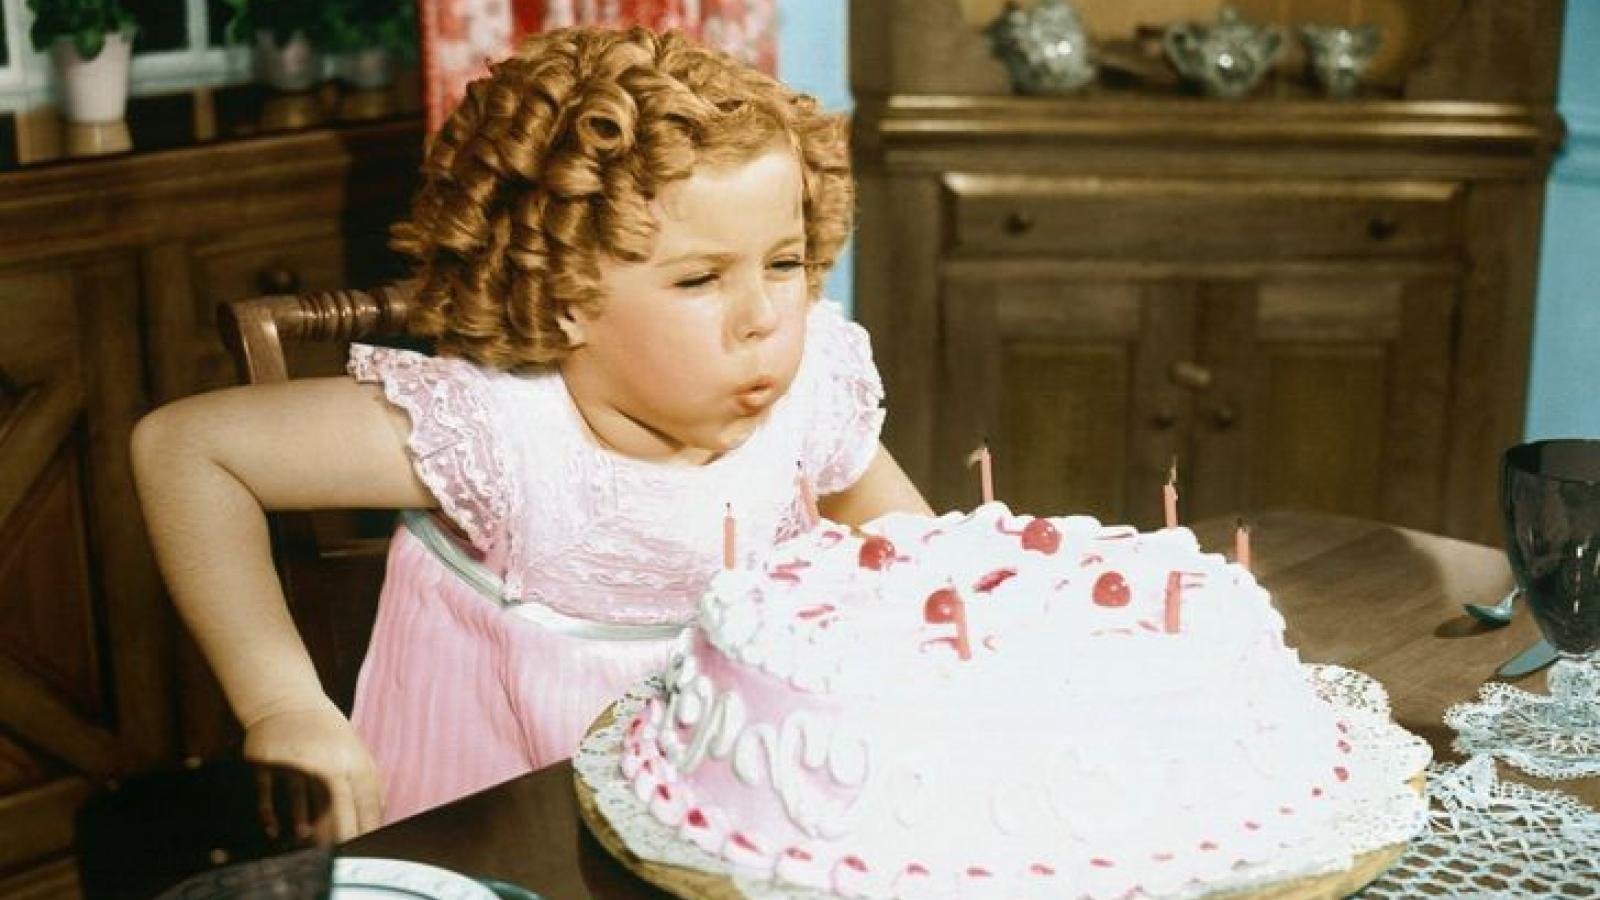 Vì sao chúng ta phải thổi tắt nến trên bánh sinh nhật?